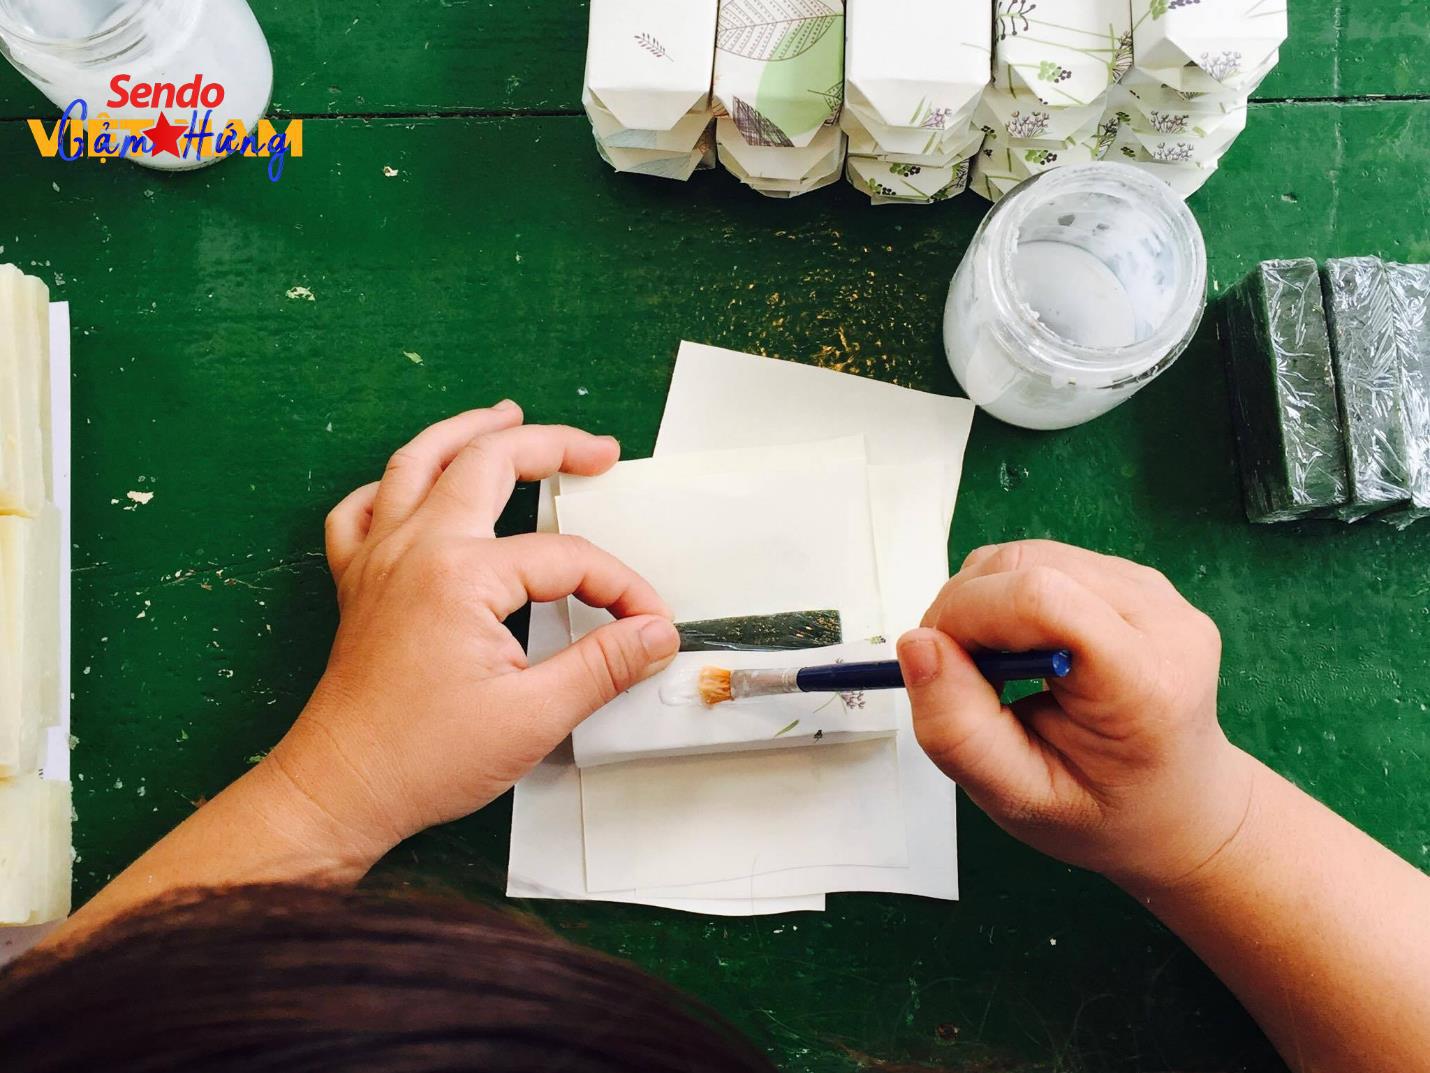 Sendo hỗ trợ kịp thời cho dự án khởi nghiệp vì người điếc - Nhà Của Thời Thanh Xuân - Ảnh 1.